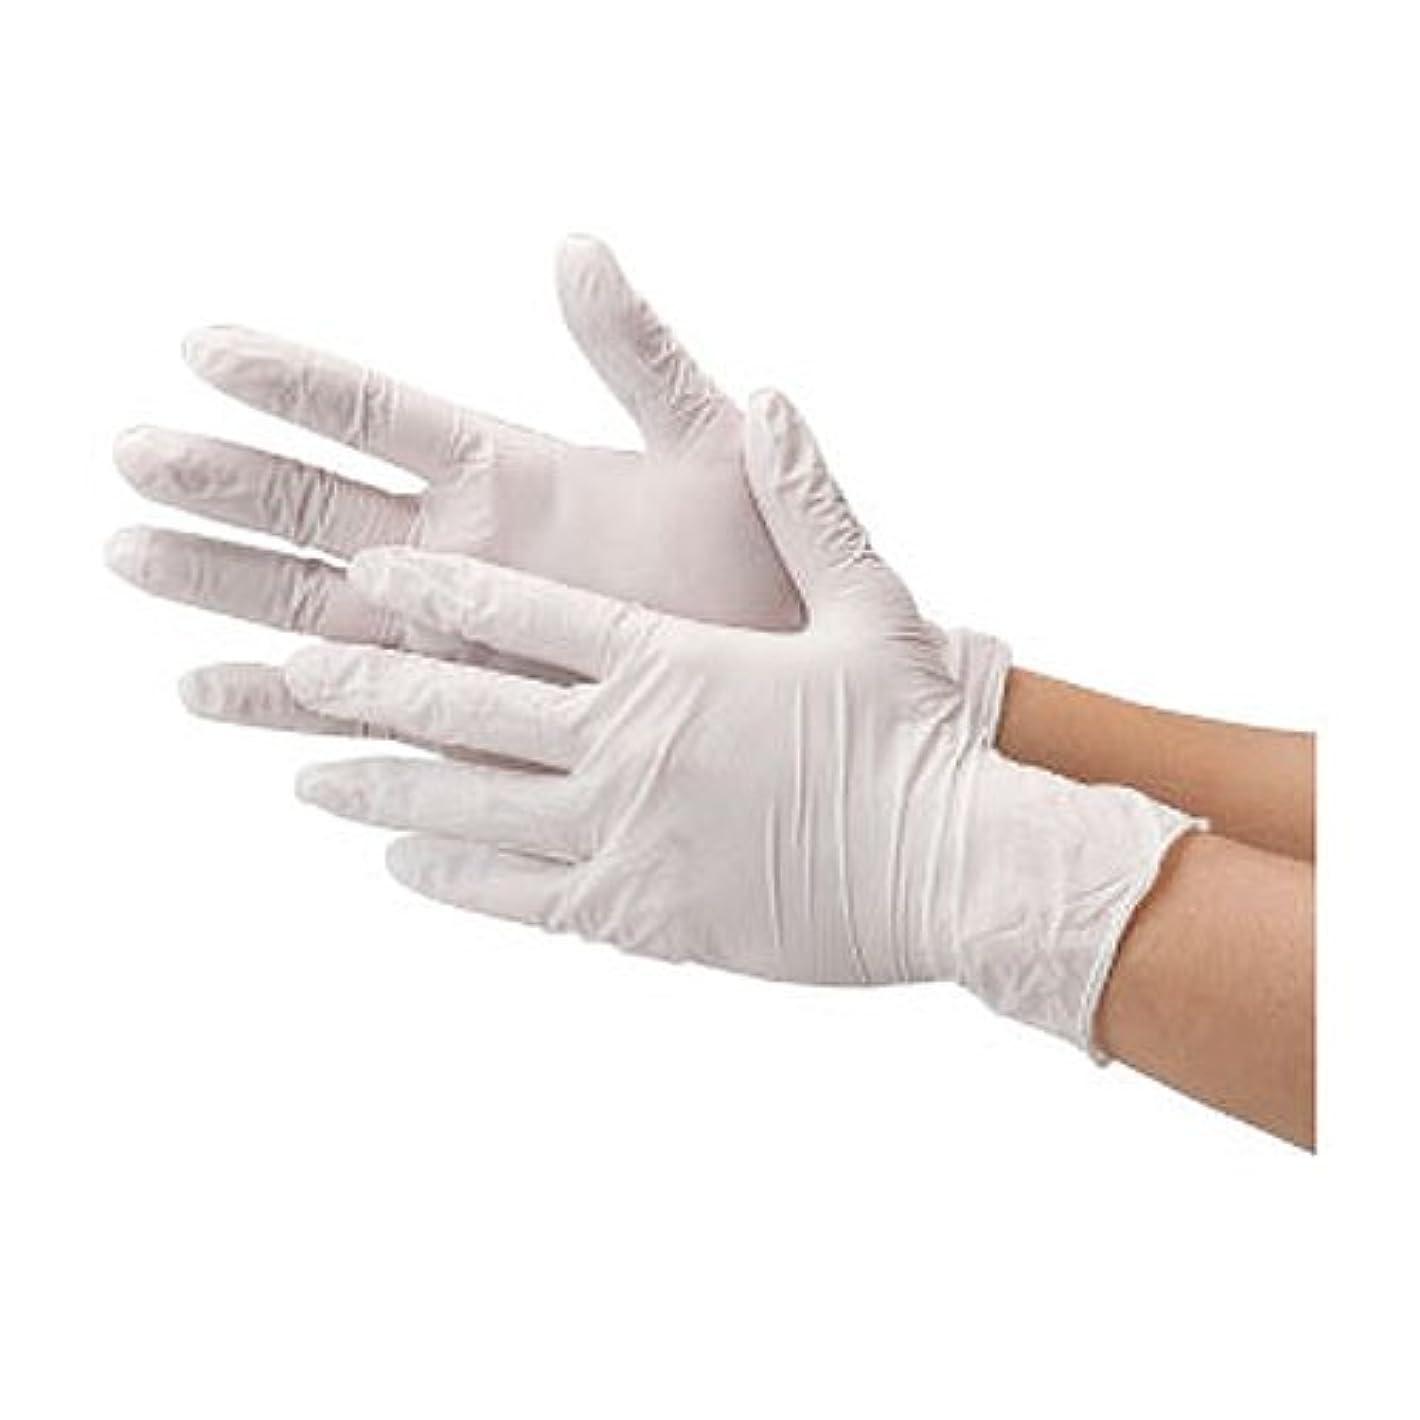 殉教者確保するチーフ川西工業 ニトリル 使いきり手袋 ストロング 粉無 100枚入り 2037 ホワイトSS